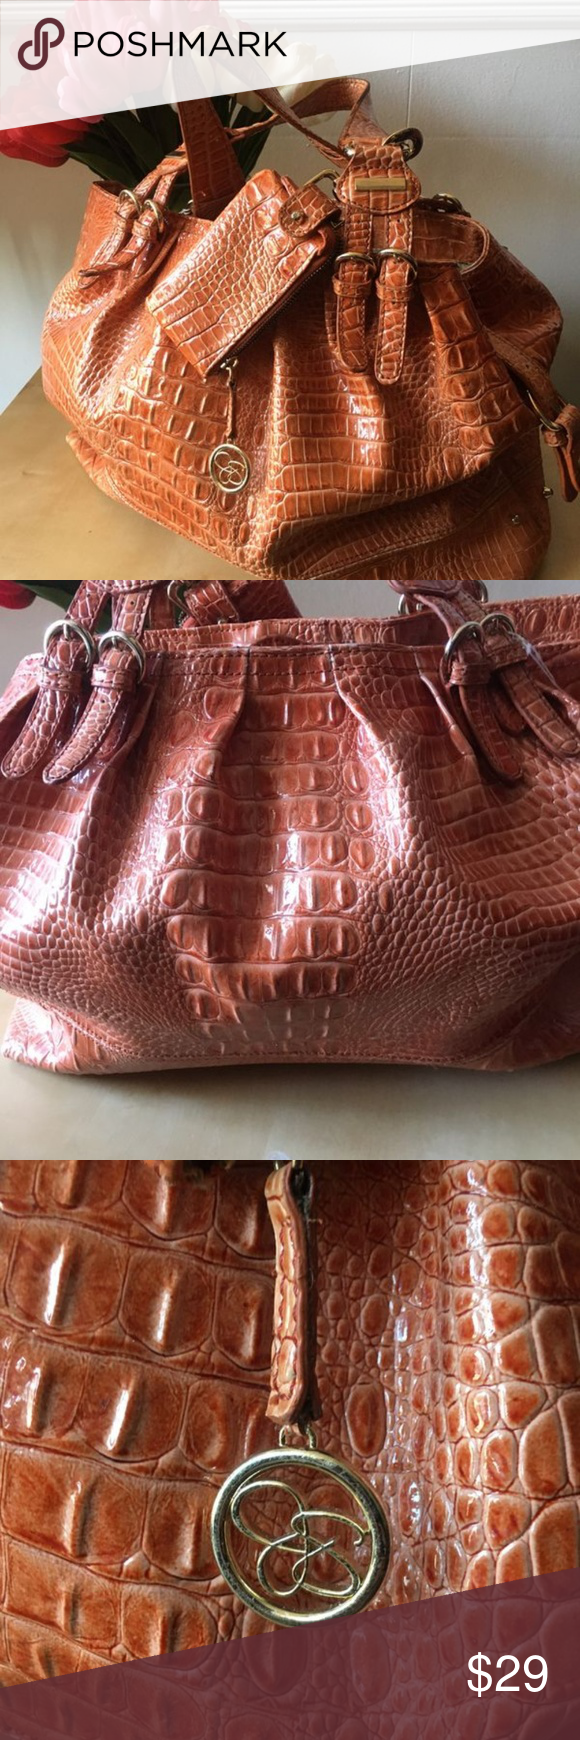 JESSICA SIMPSON croc embossed large handbag tote JESSICA SIMPSON croc embossed l…